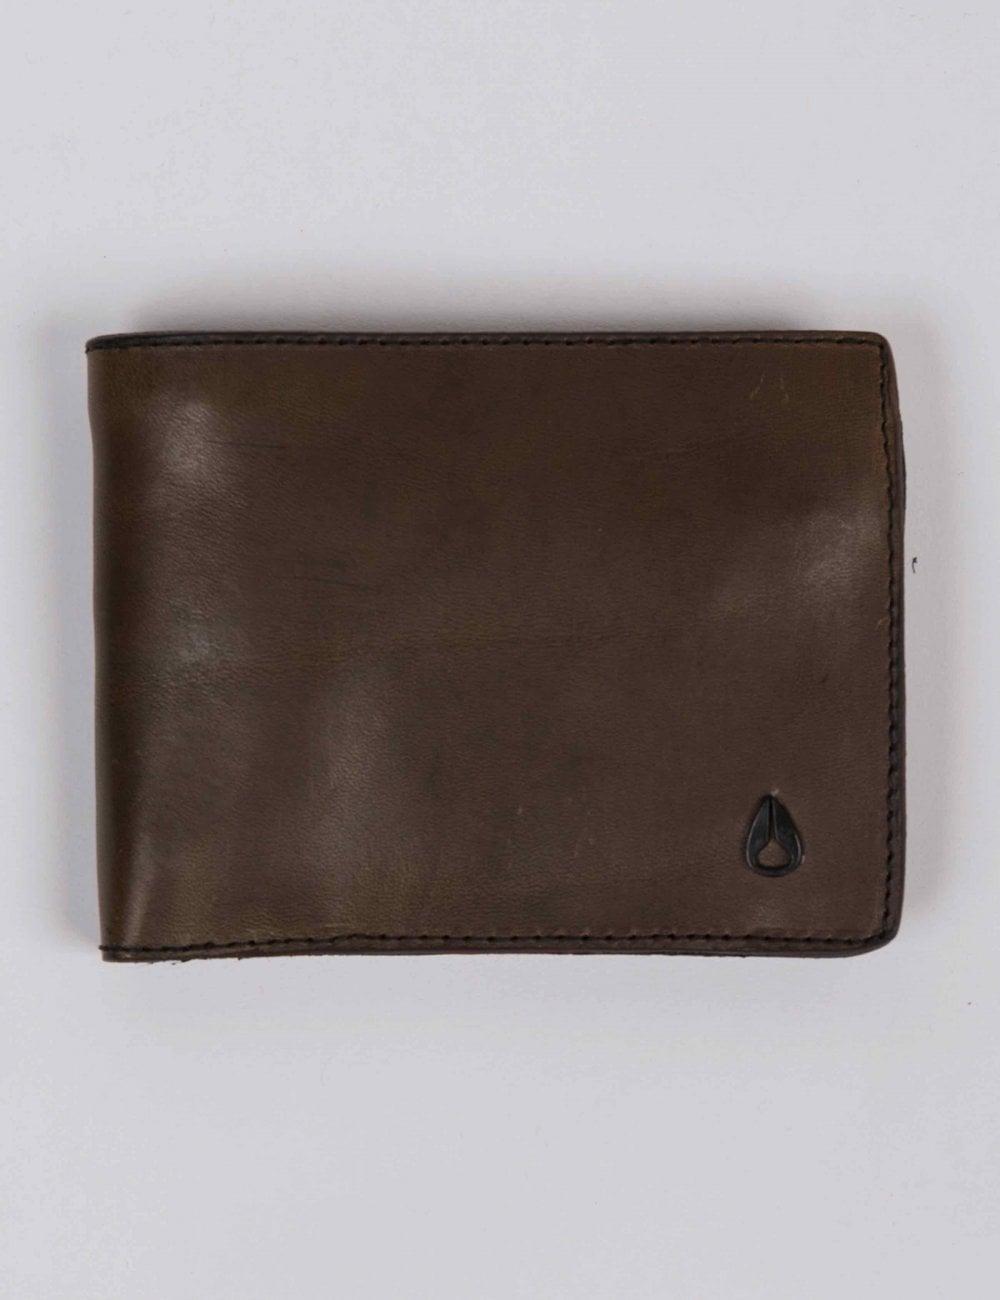 01be745fa19 Nixon Arc SE Bi-Fold Wallet - Dark Olive - Wallets from Fat Buddha ...